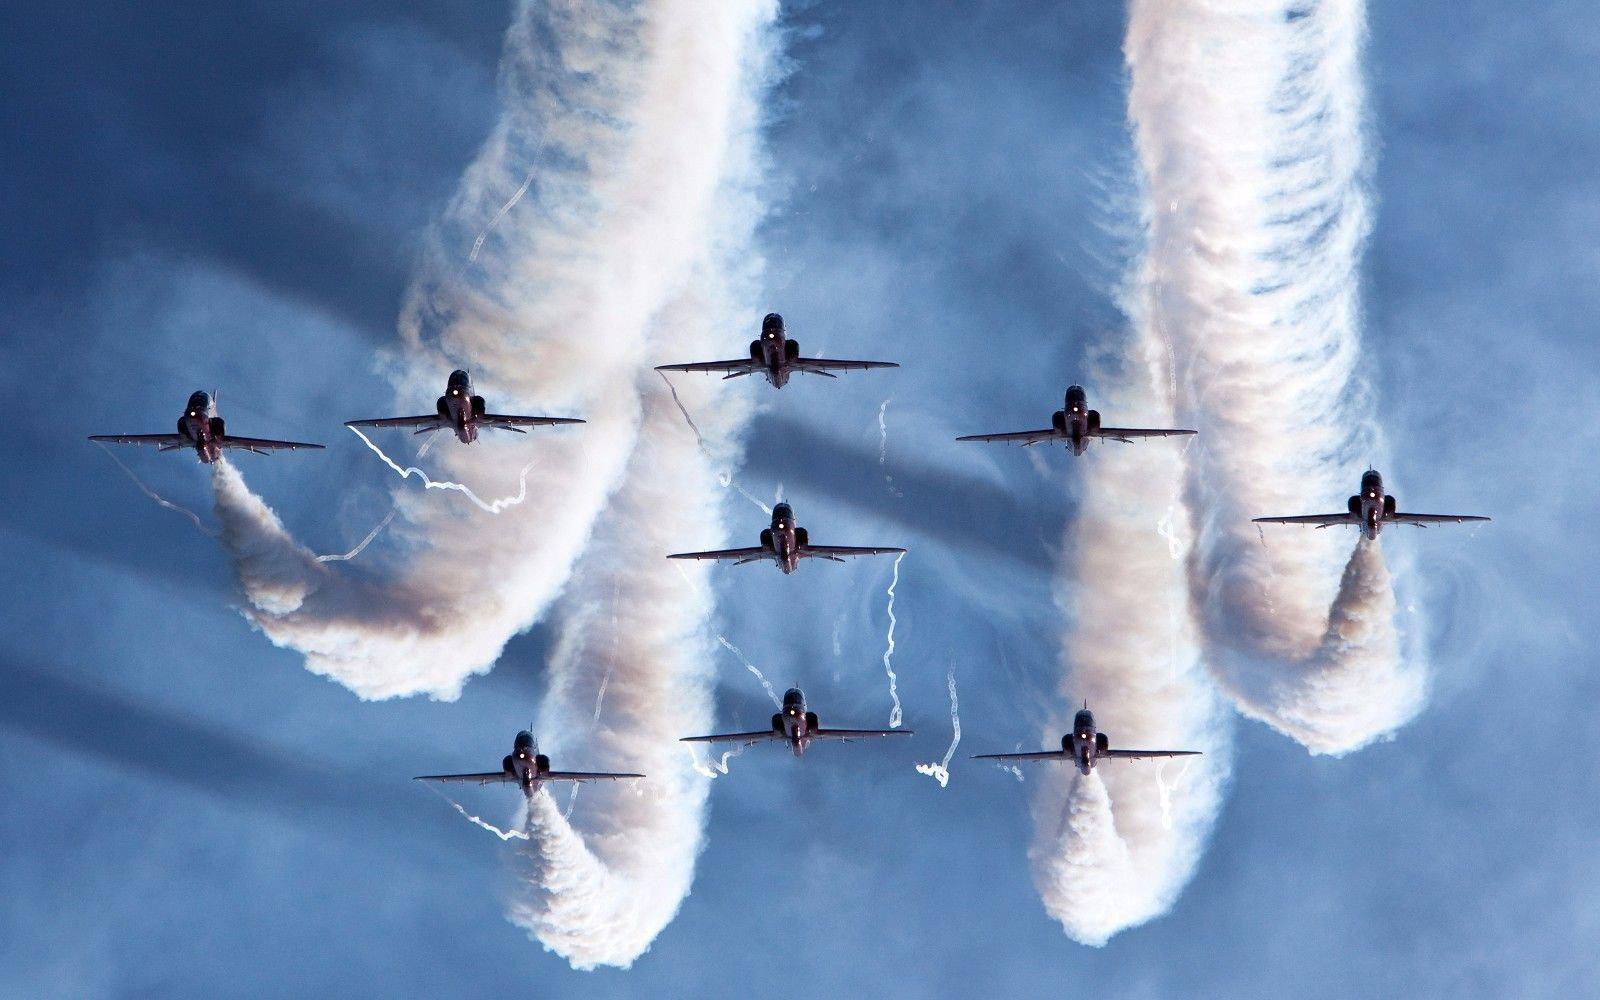 mur la acrobatie Affiche aérienne 161190 Air de Affiche du Affiche Force Royal la de x1wnITf